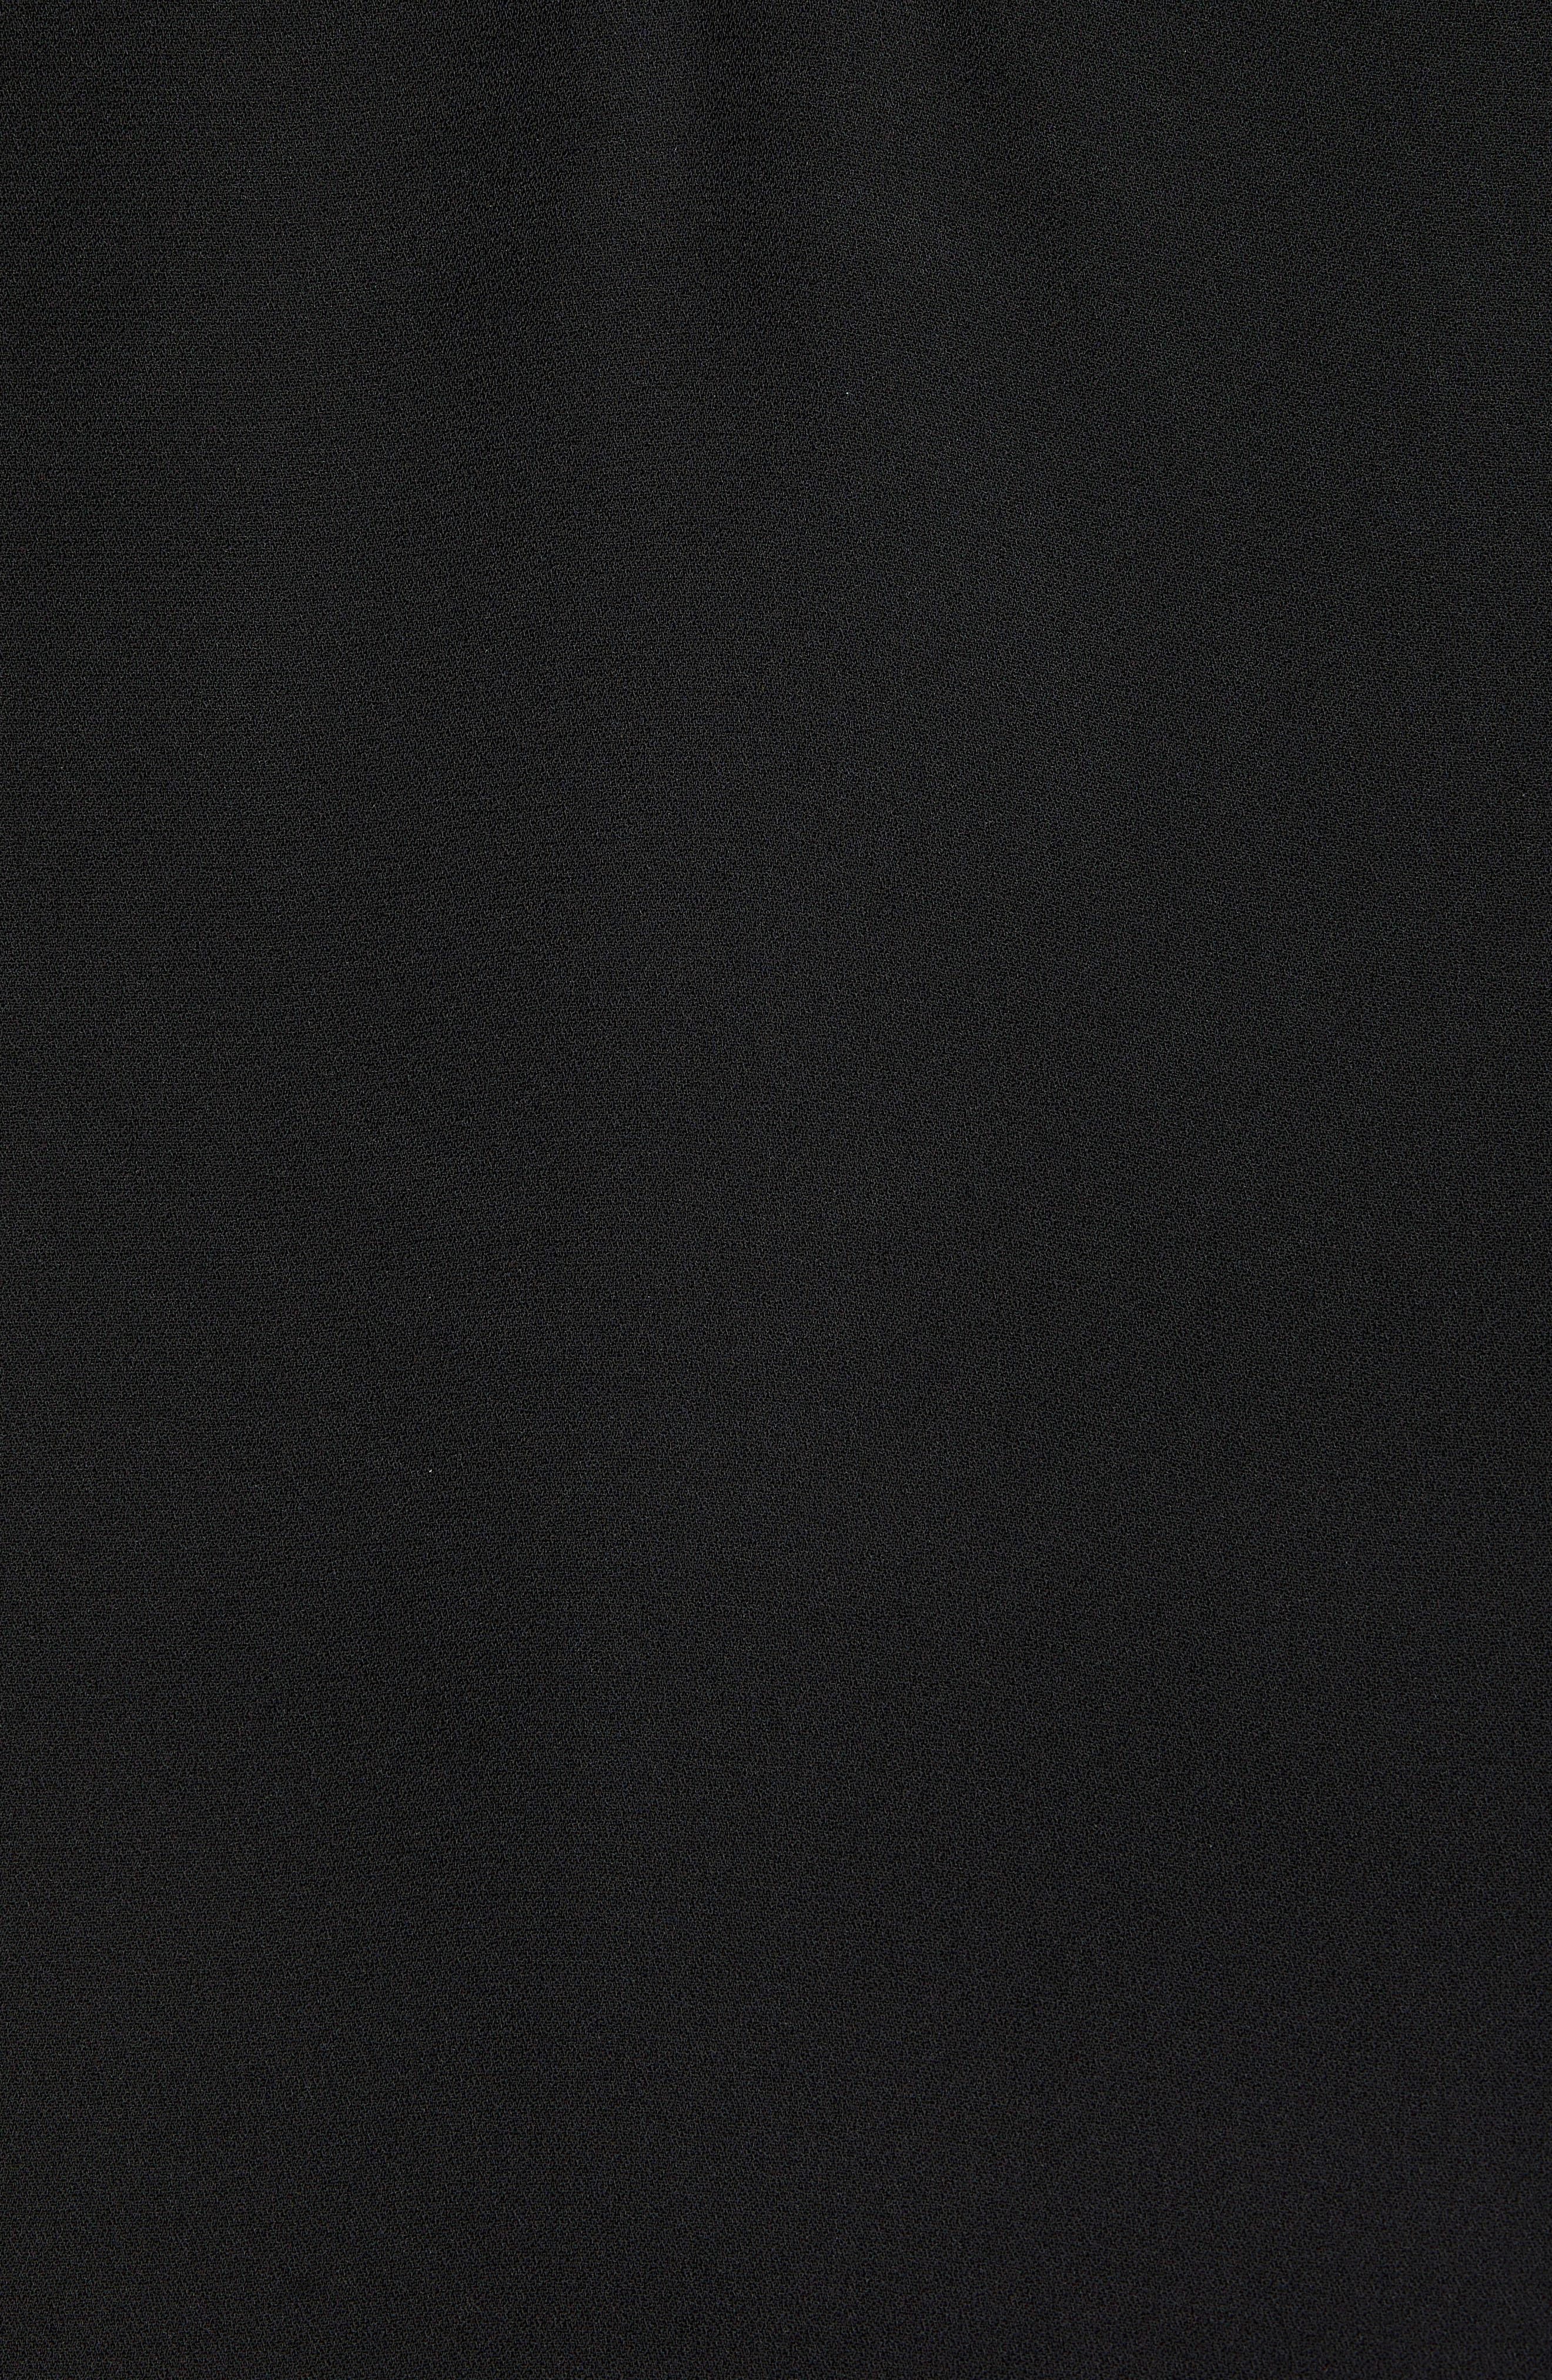 SOCIALITE,                             Lace Trim Camisole Top,                             Alternate thumbnail 5, color,                             BLACK